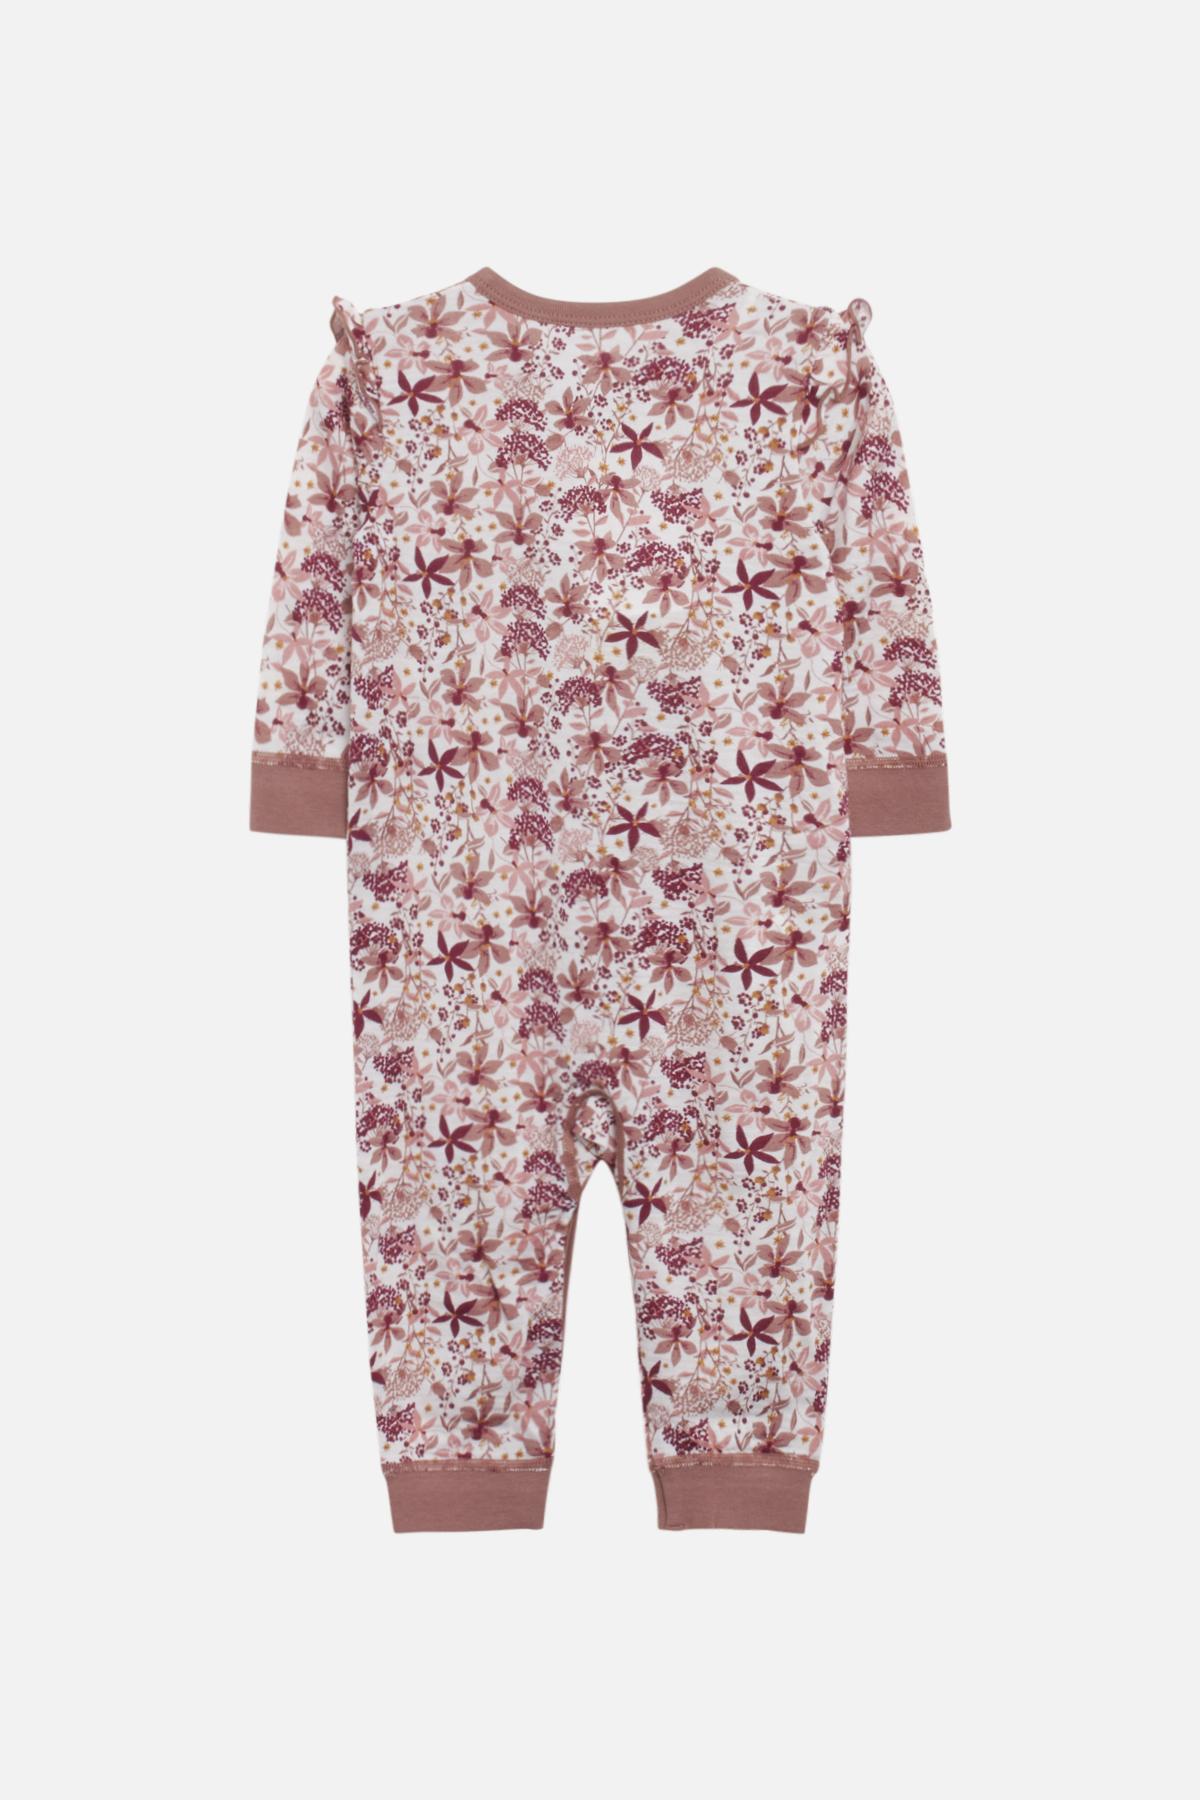 Wool/Silk - Misle - Nightwear